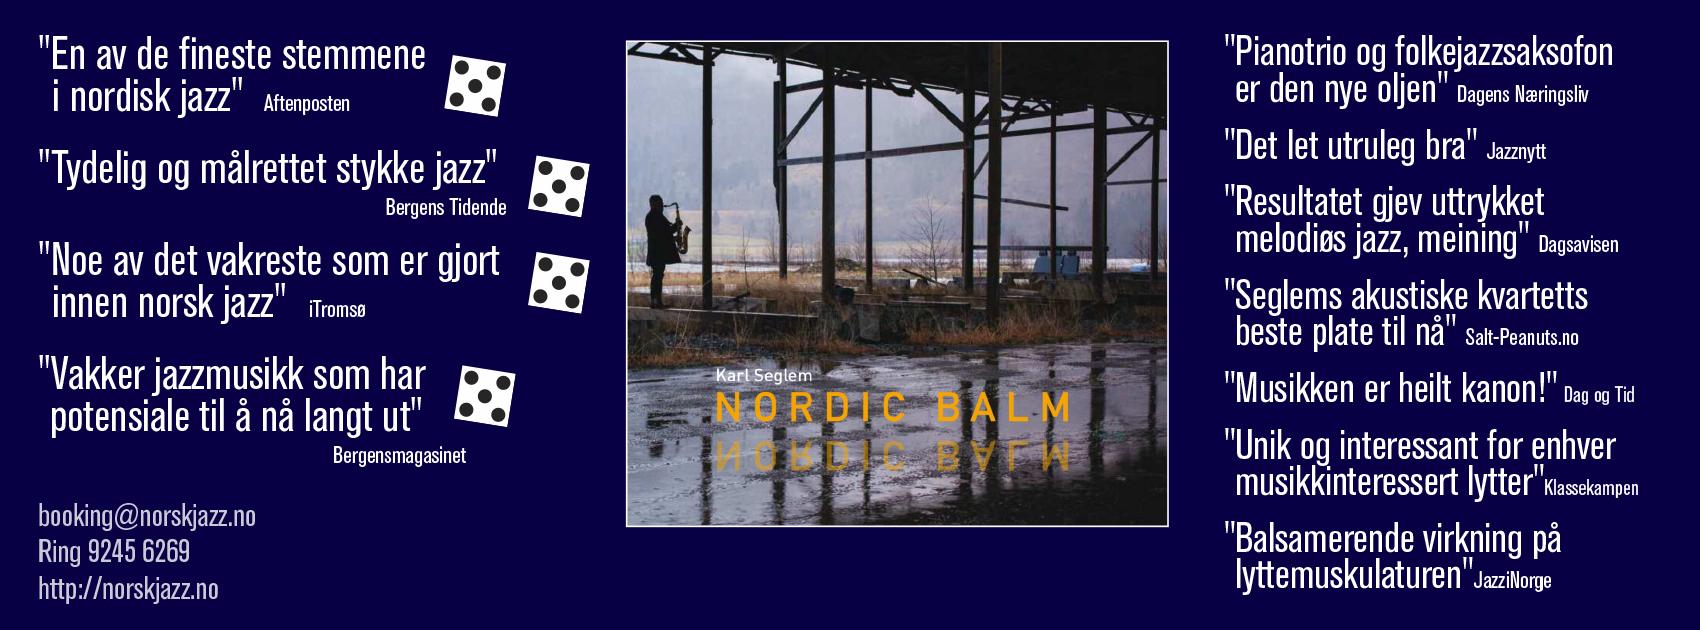 Nordic Balm Press reviews